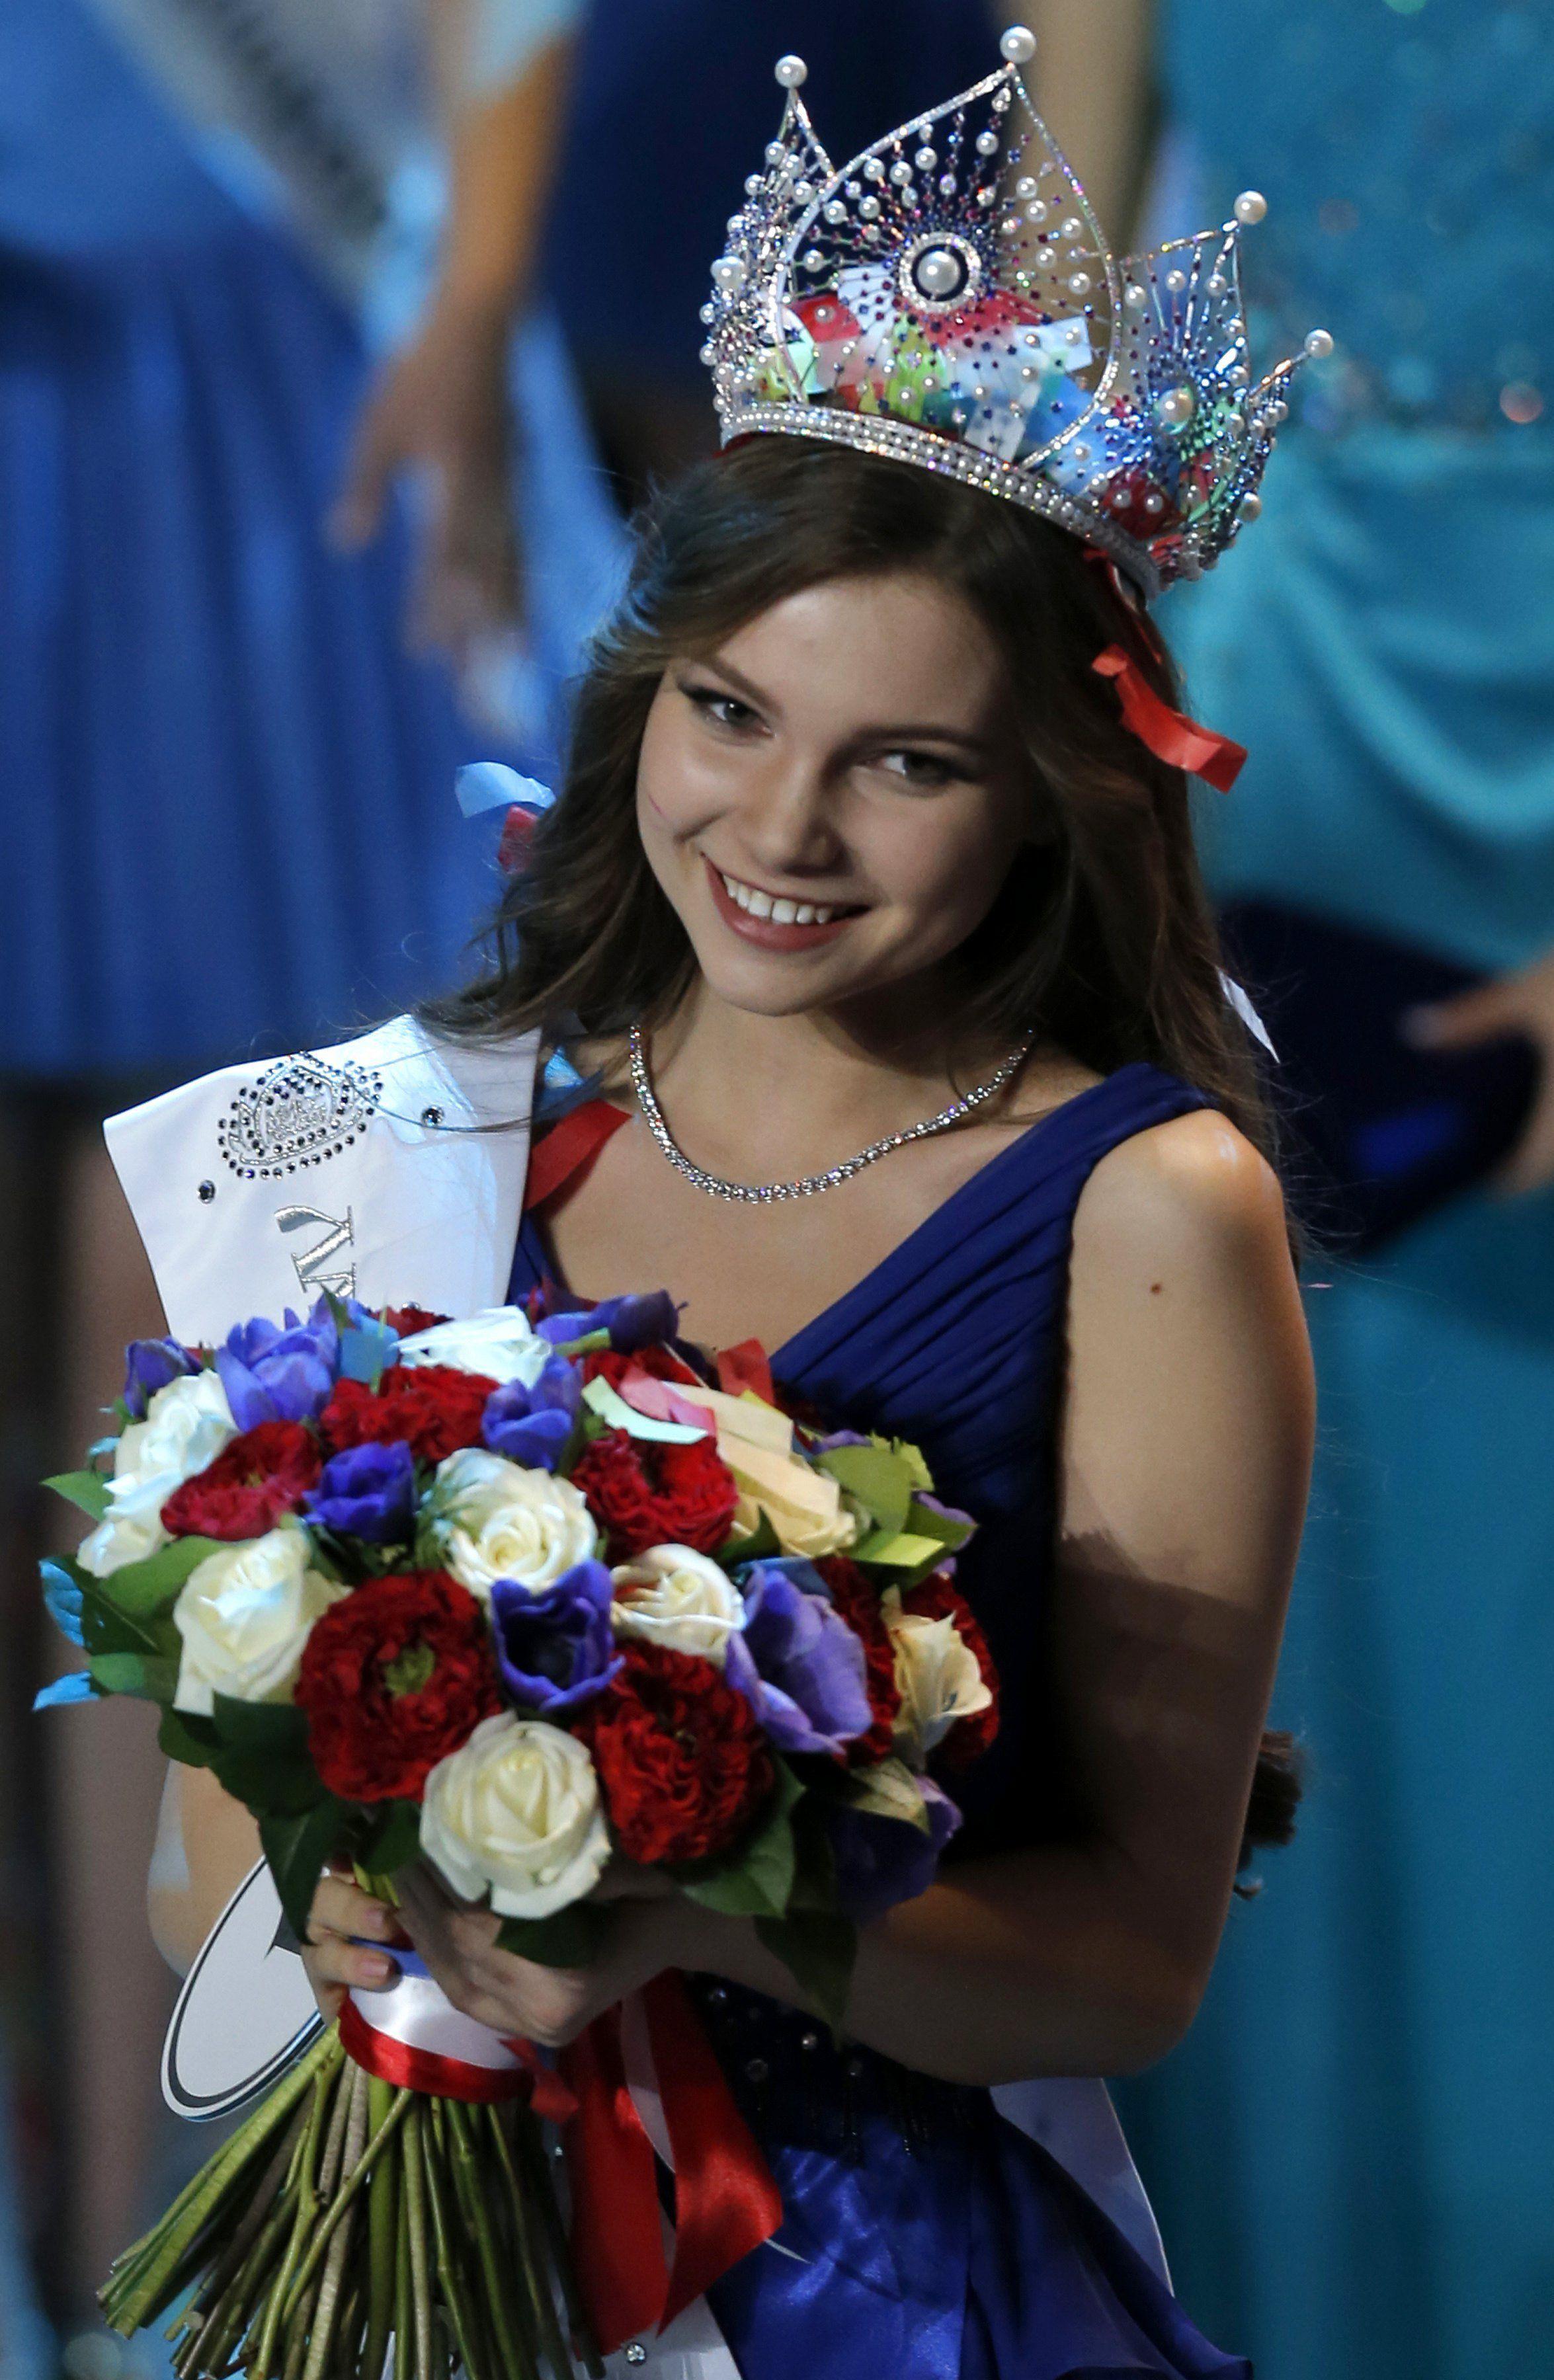 Így fest tűzpiros bikiniben az idei Miss Oroszország győztese – képgaléria